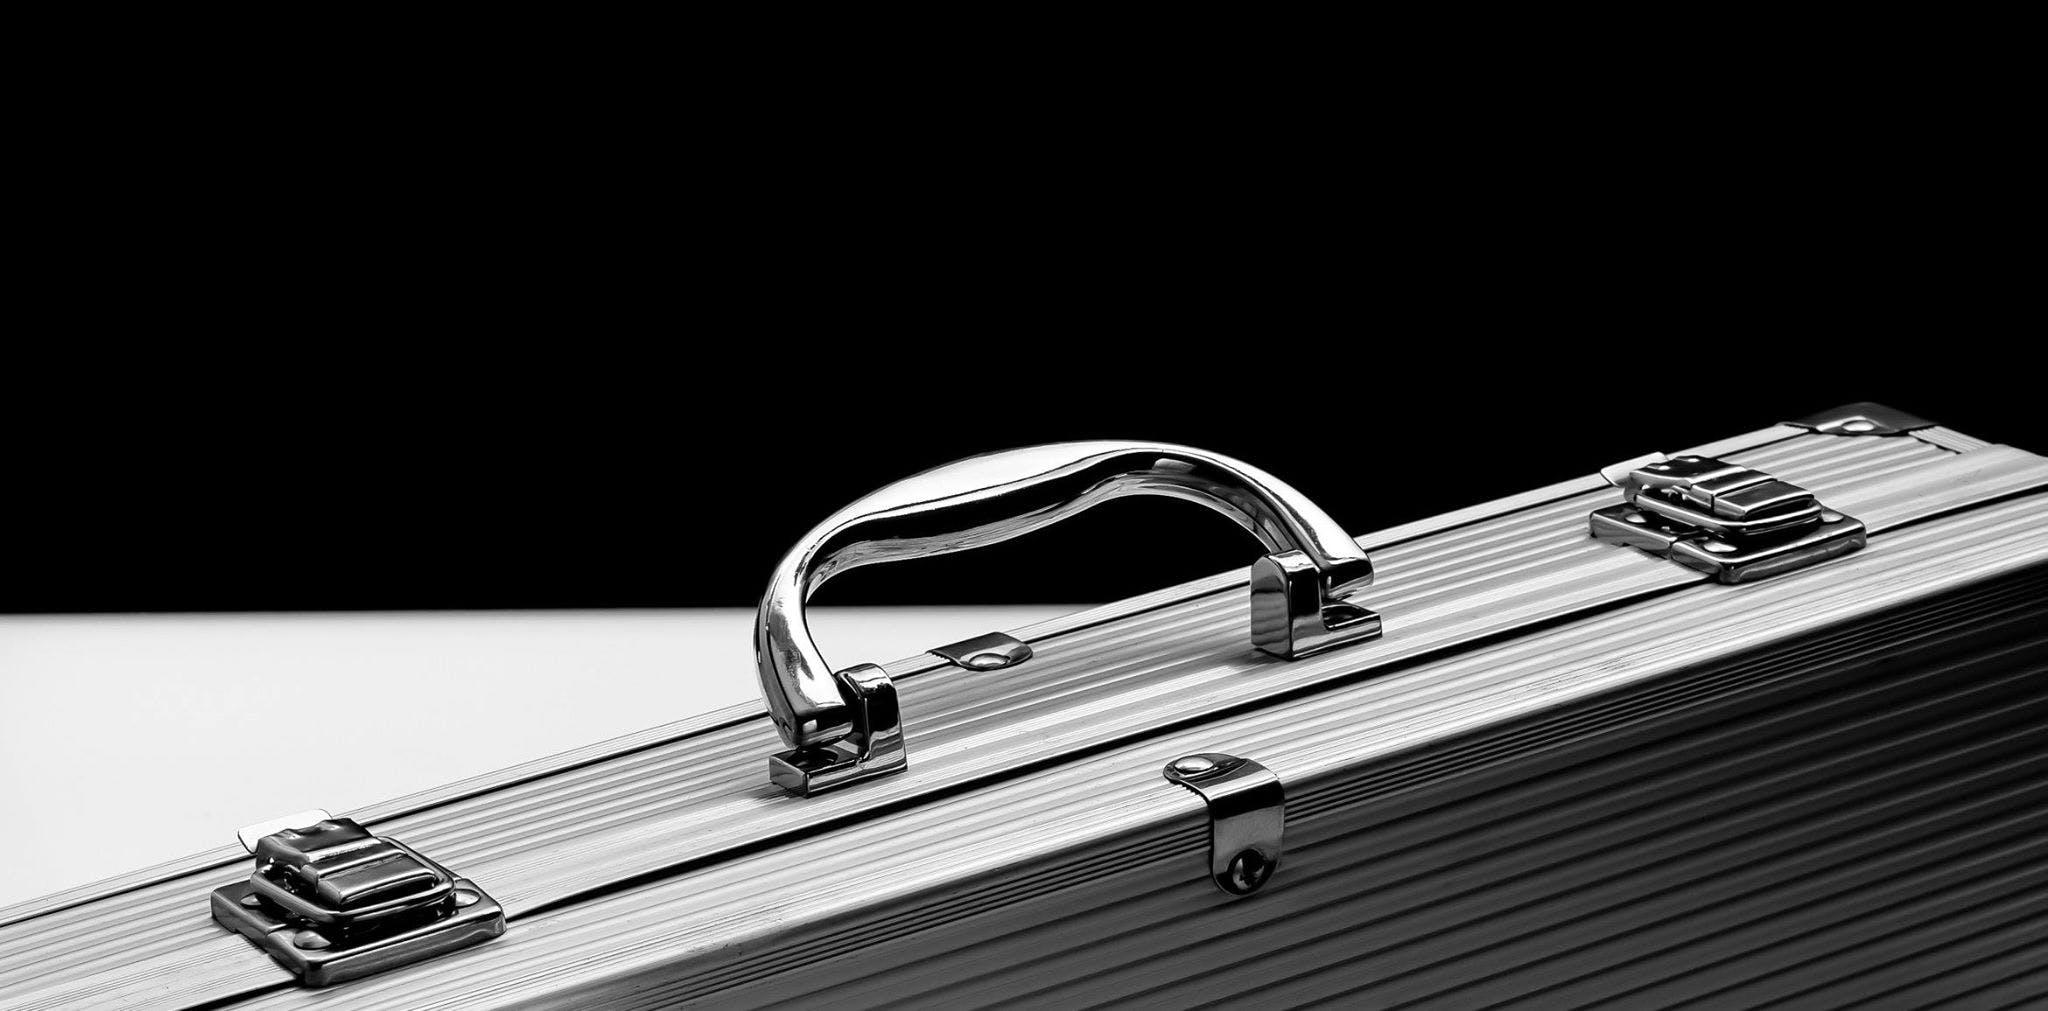 Безкоштовне стокове фото на тему «Chrome, алюміній, багаж, Безпека»